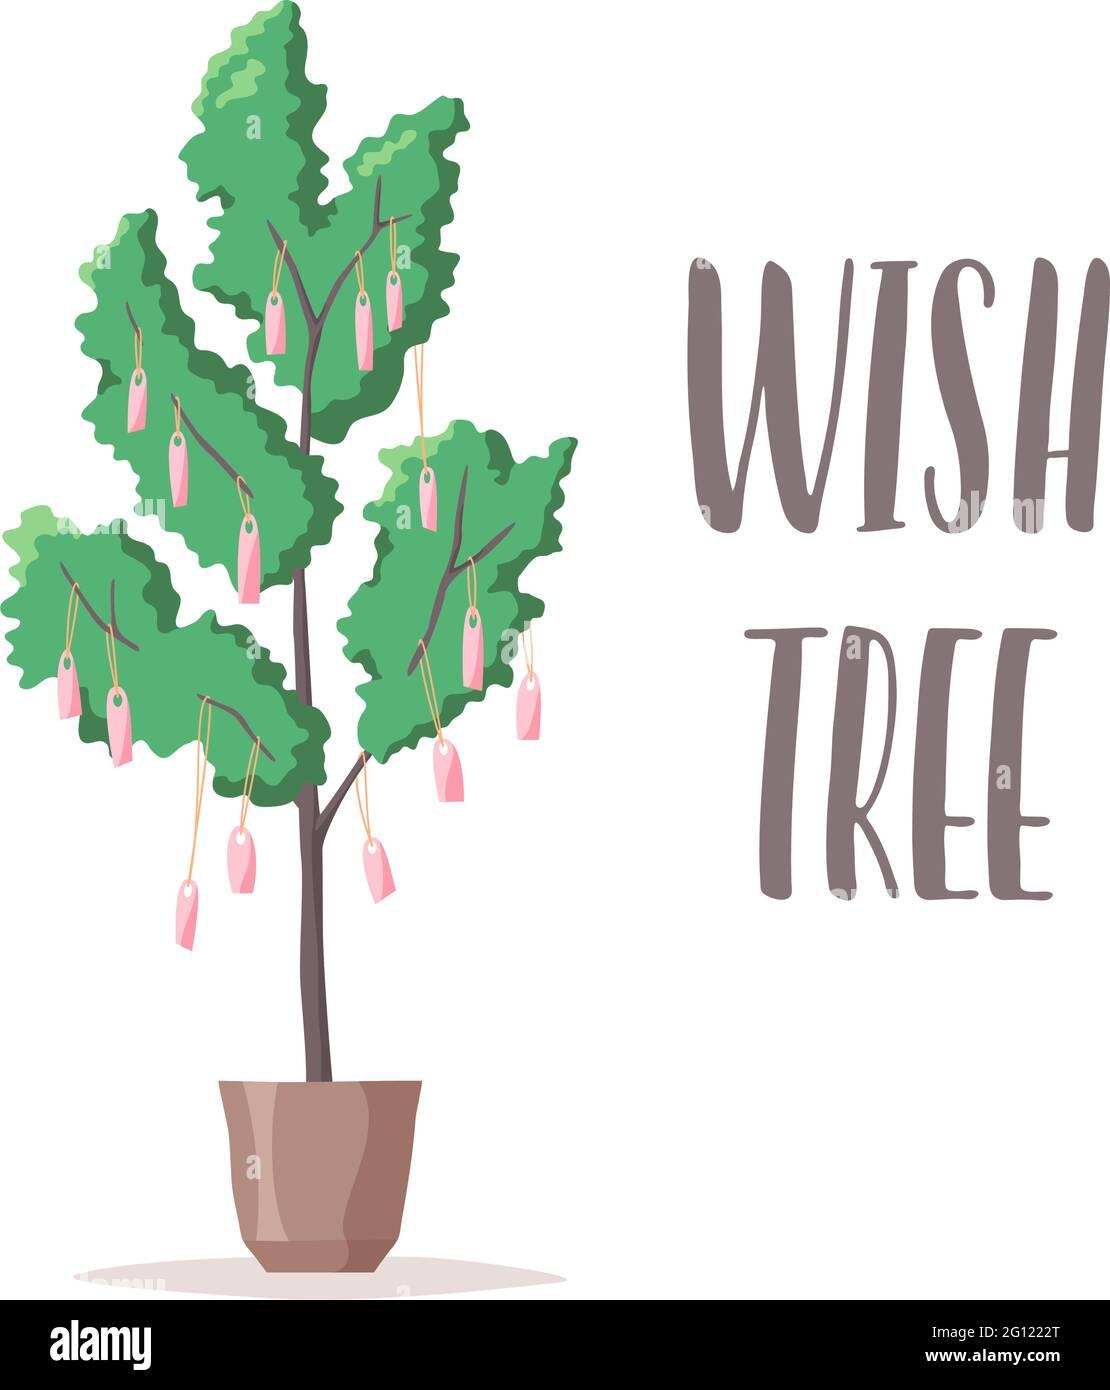 Illustration et lettrage d'arbre de souhaits, notes et étiquettes avec souhaits accrochent sur l'arbre, désirs et rêves écrits, plante en pot, vecteur Illustration de Vecteur